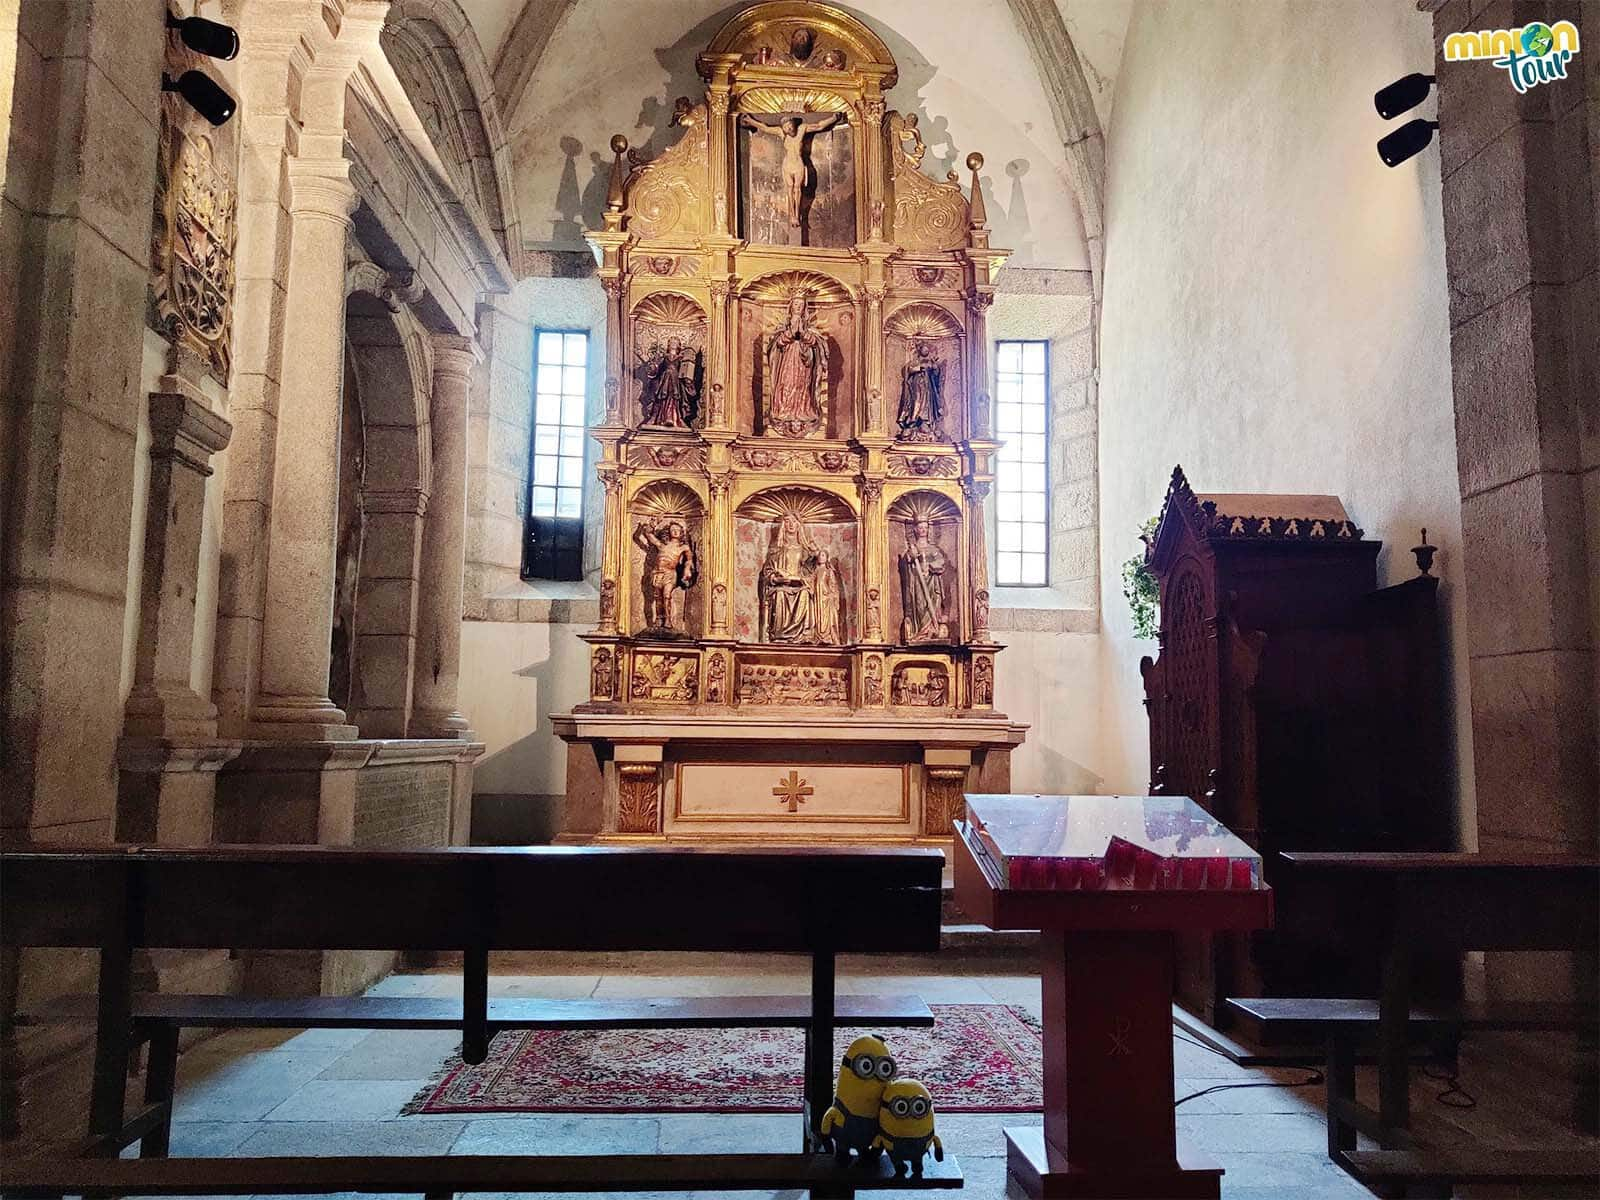 El retablo de la Capilla de la Inmaculada es muy interesante